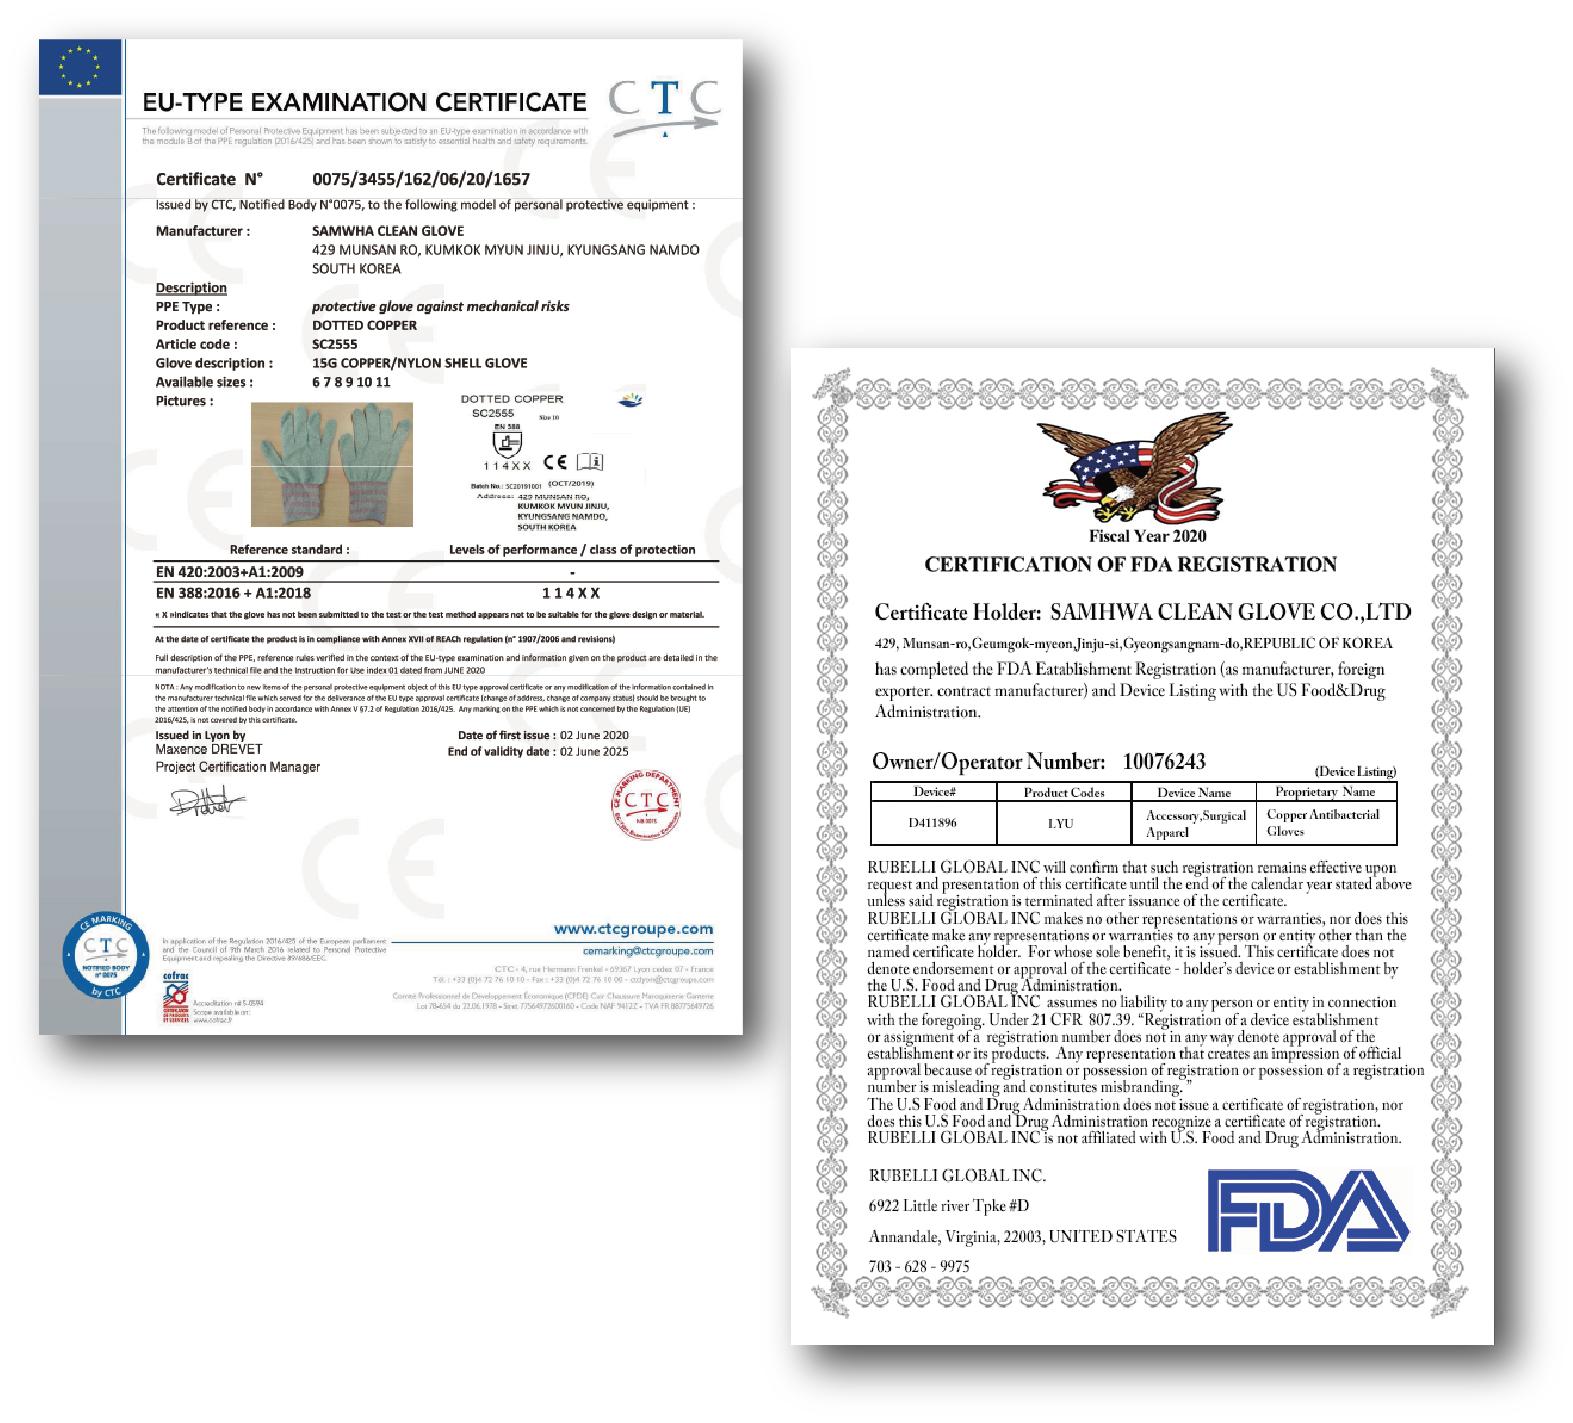 韓国FITI試験研究院の品質管理テストに合格